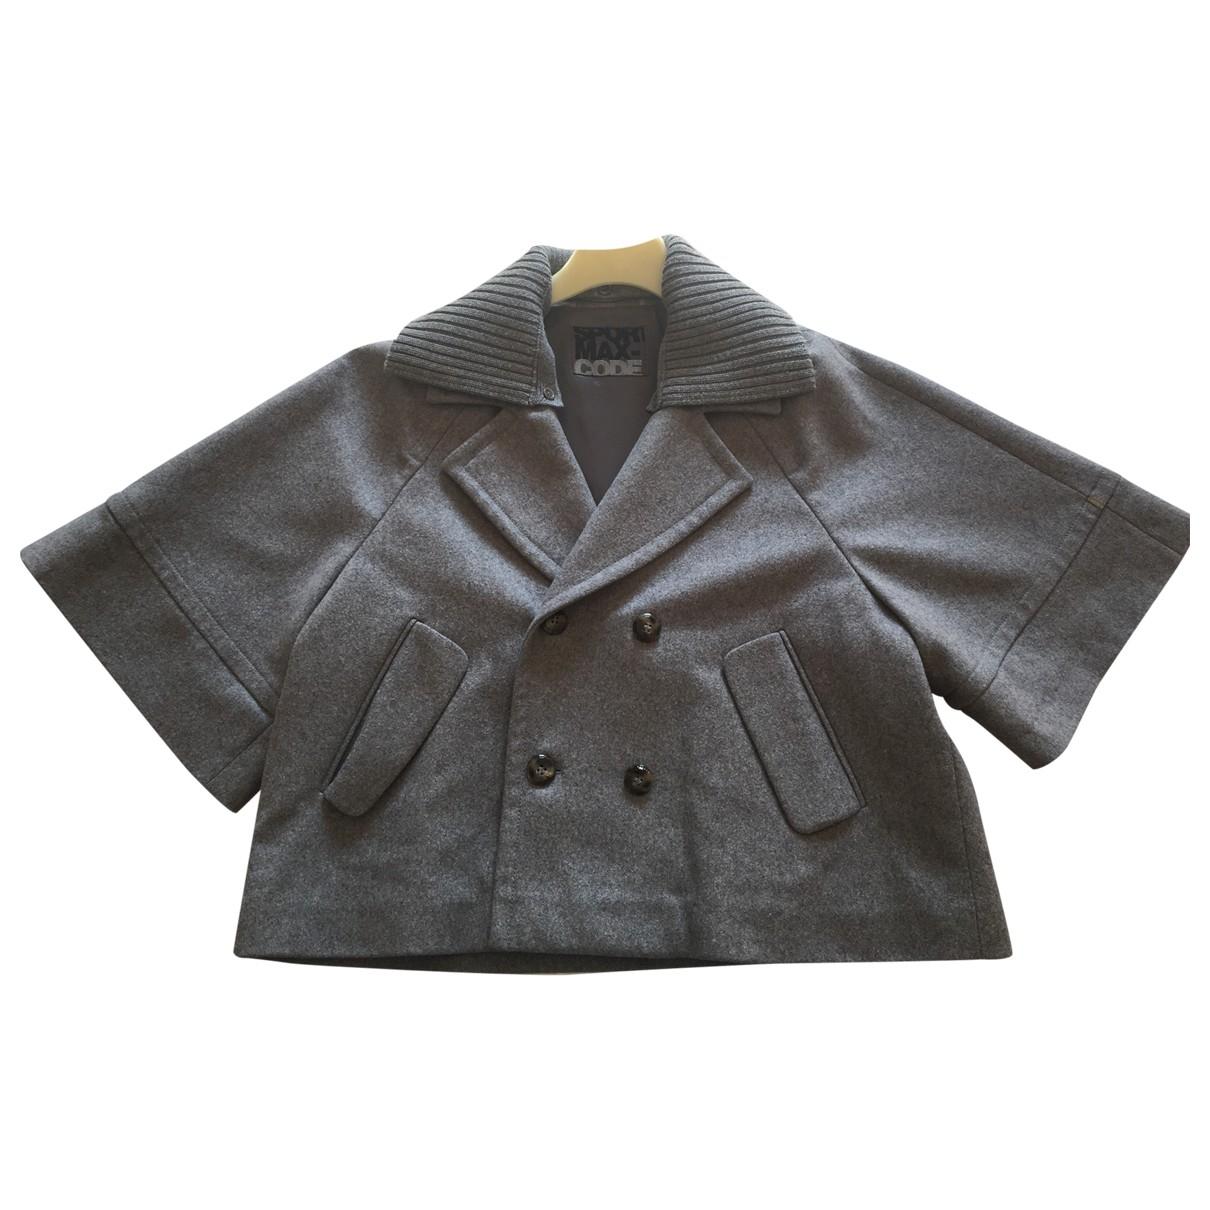 Max Mara \N Jacke in  Grau Wolle